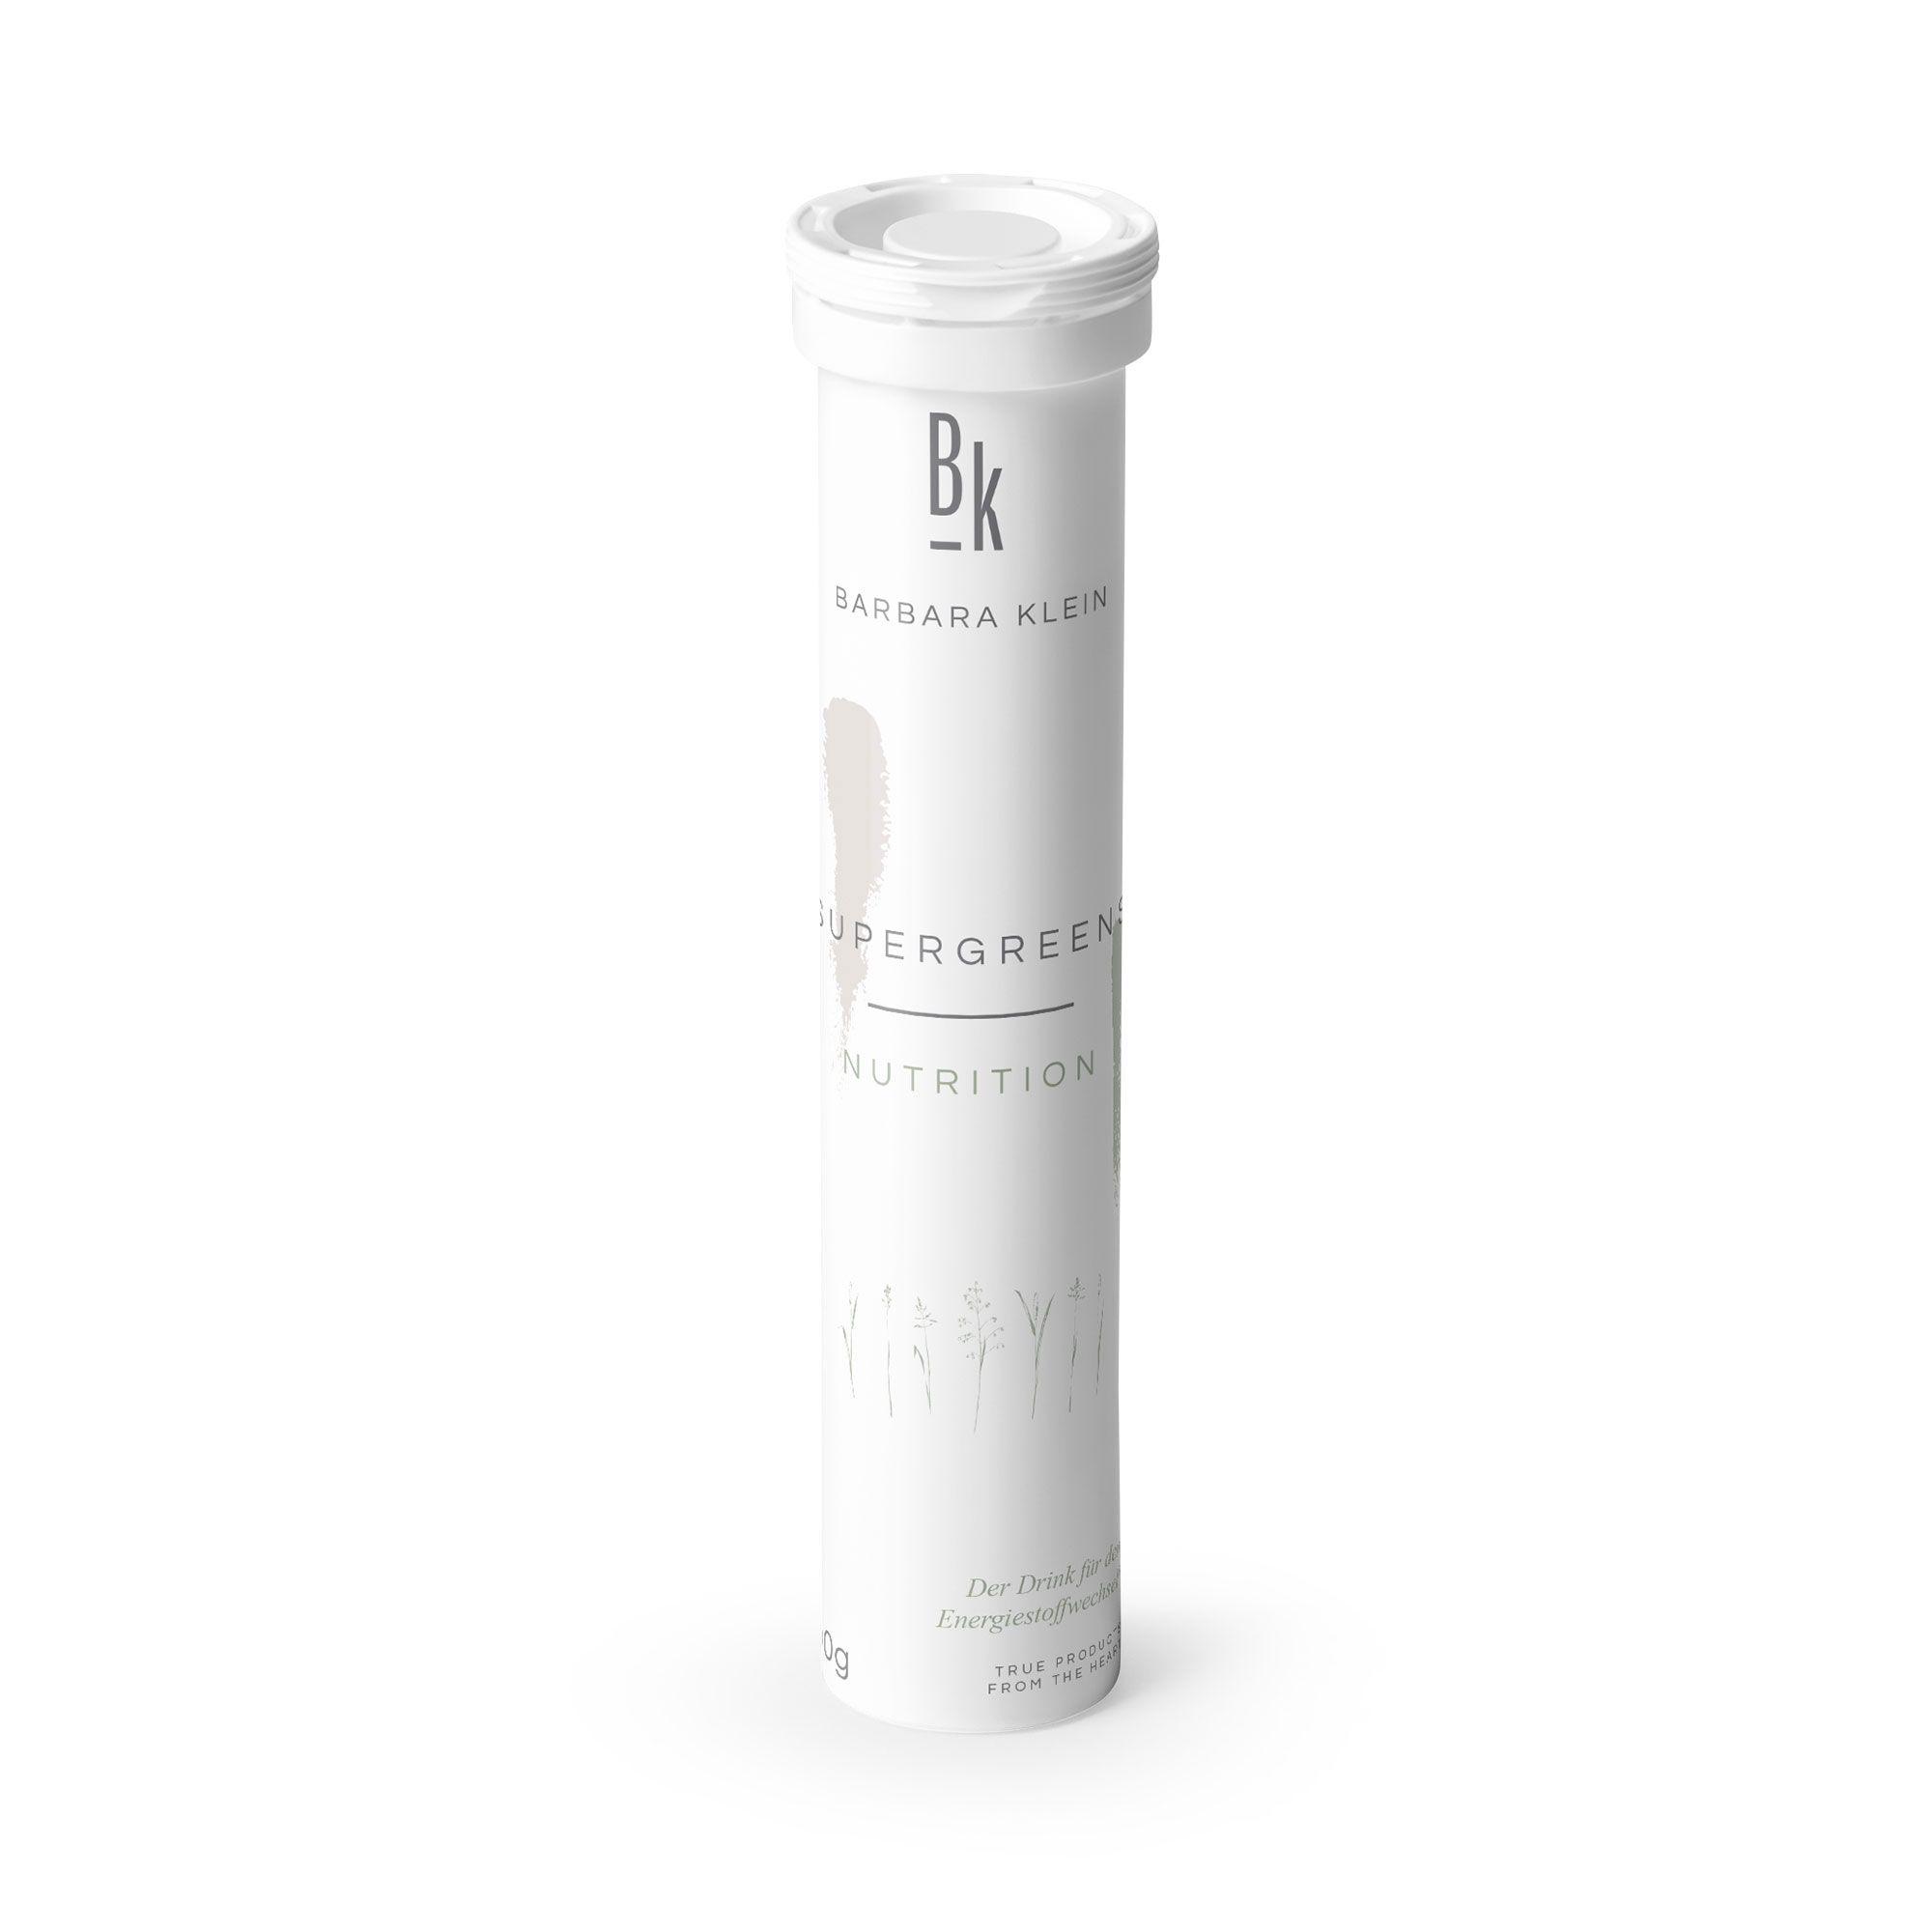 BK by Barbara Klein Supergreens Brausetabletten, 8 Superfoods & Vitamine 20 Stück